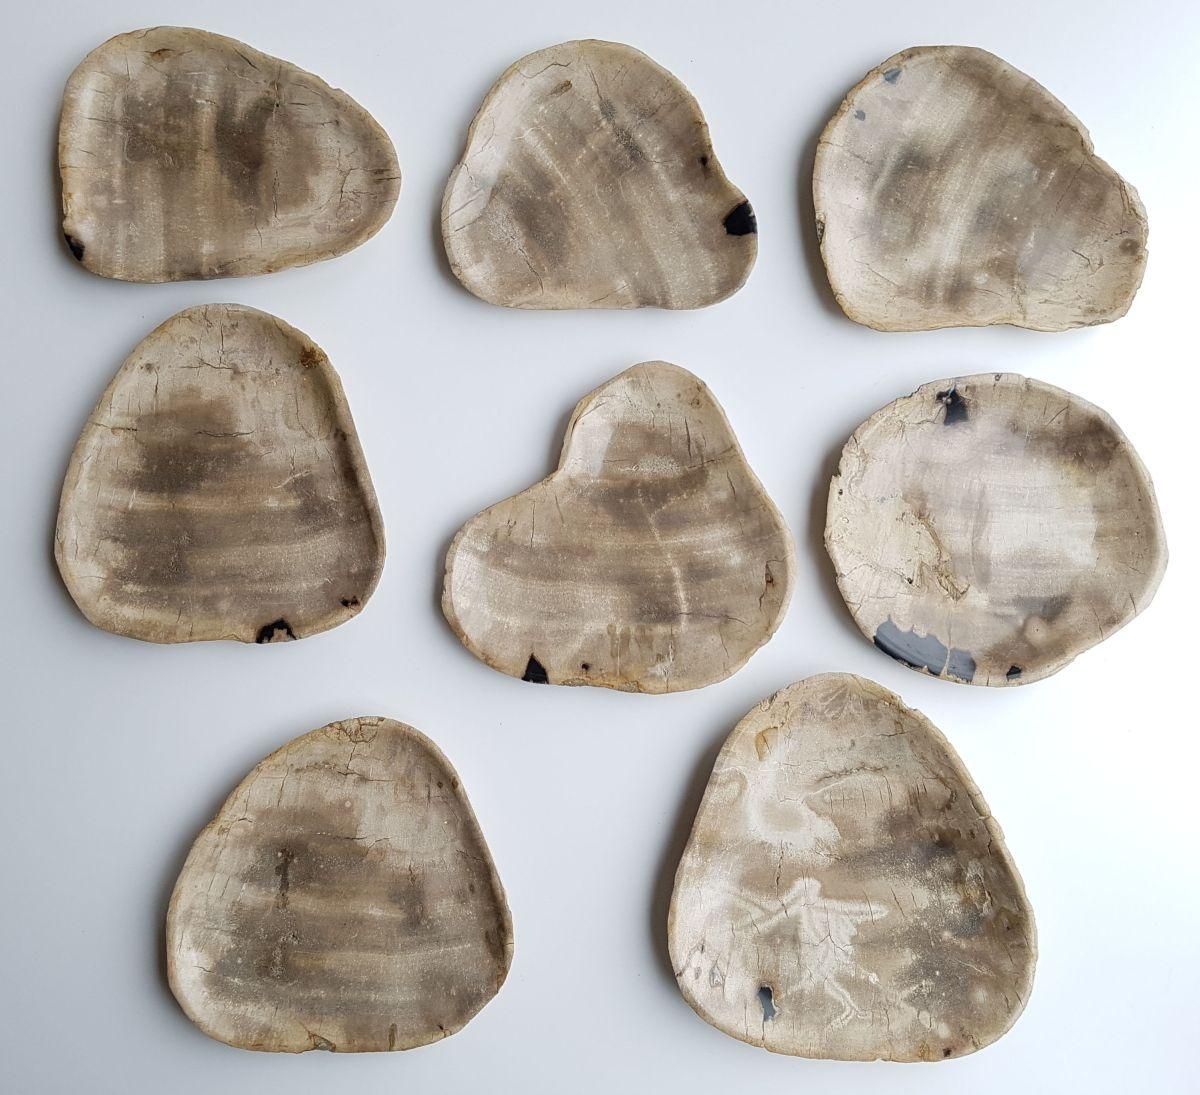 Plate petrified wood 33004i